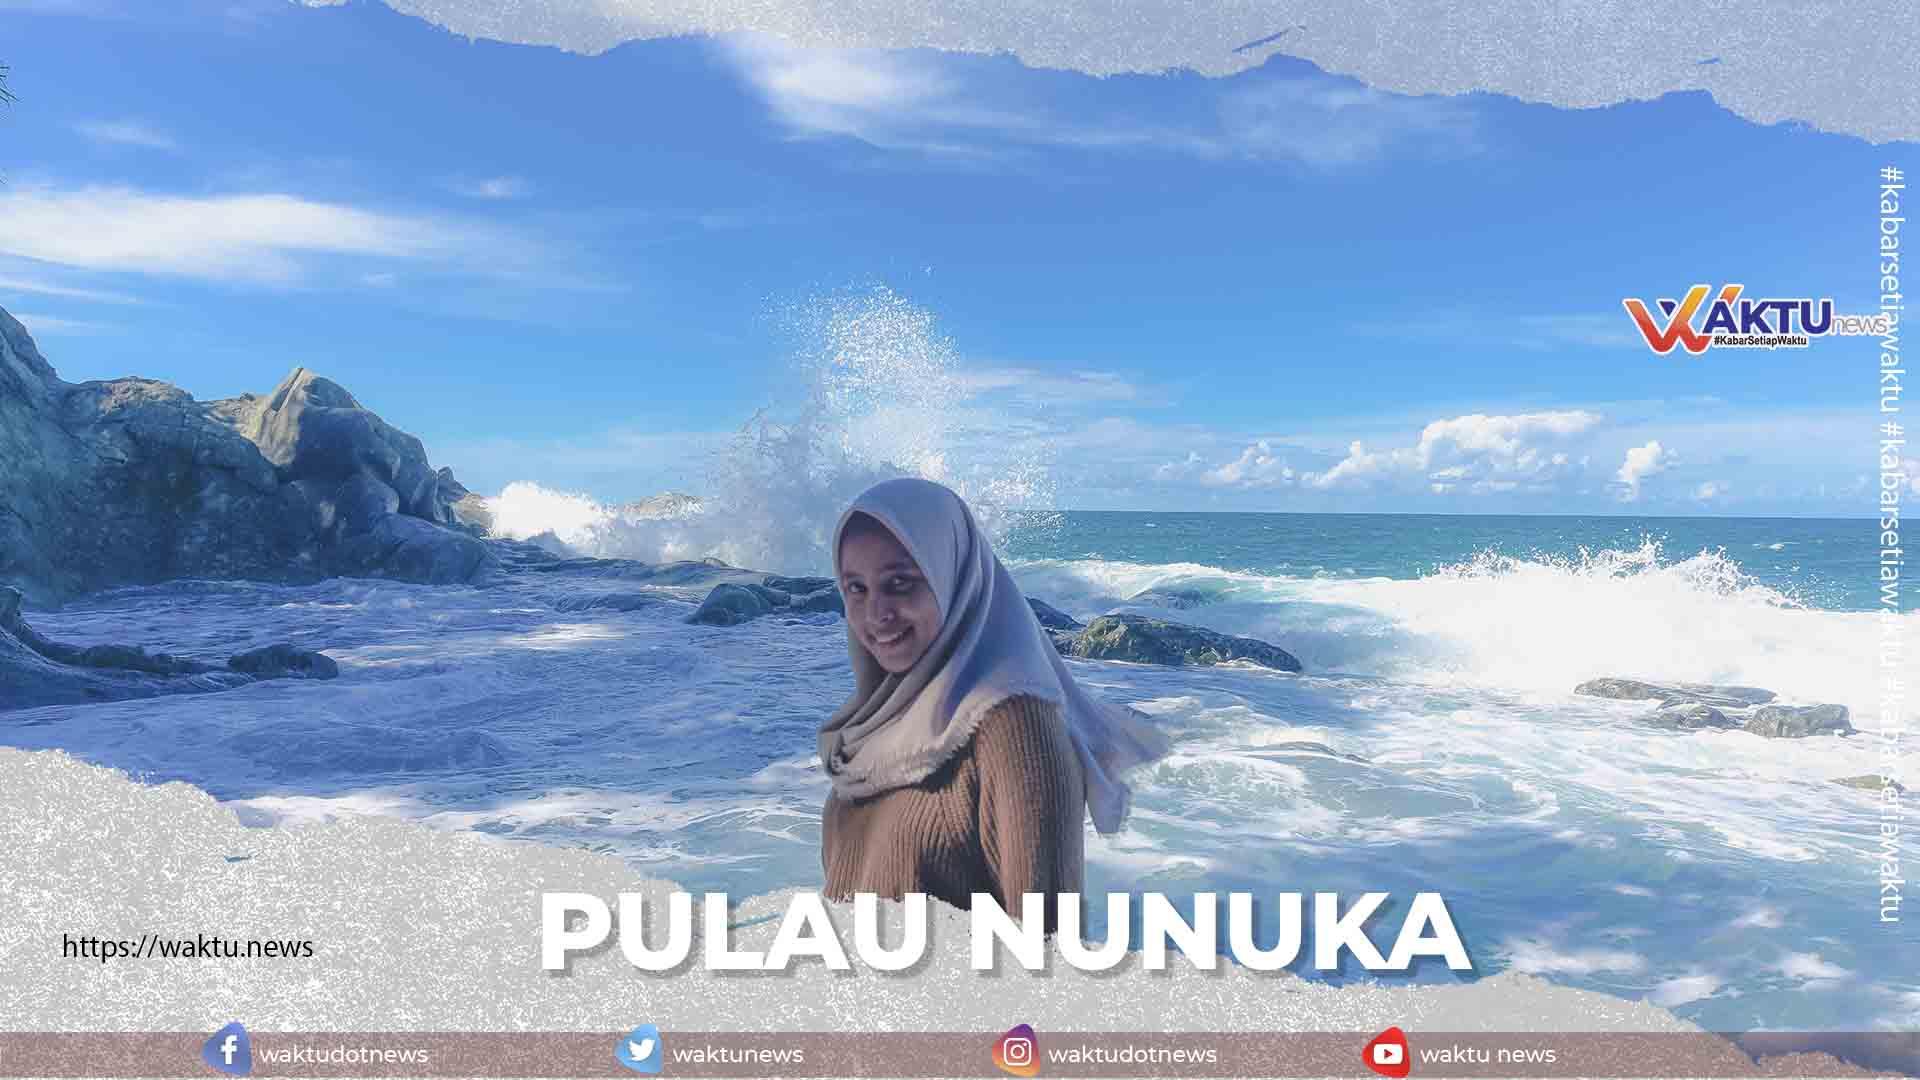 Pulau Nunuka